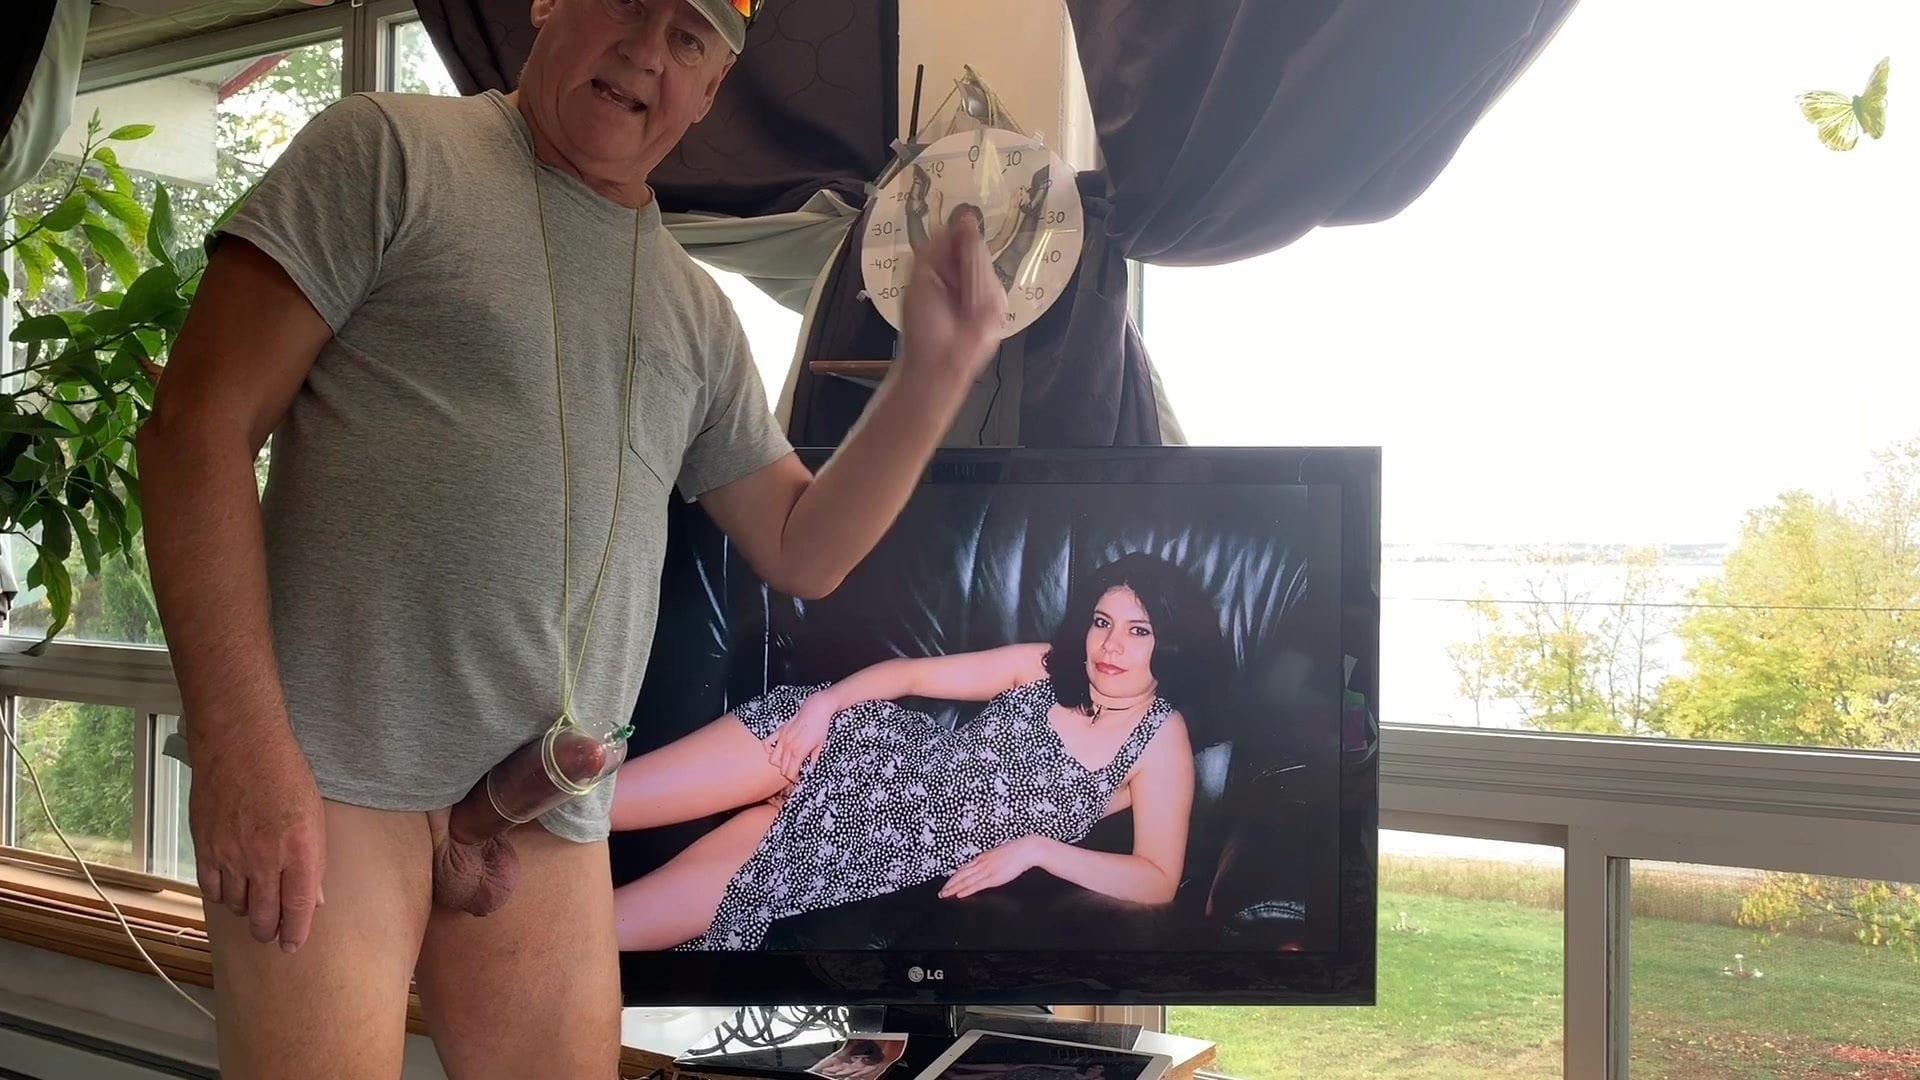 Florence Guerin La Bonne Porn Pics